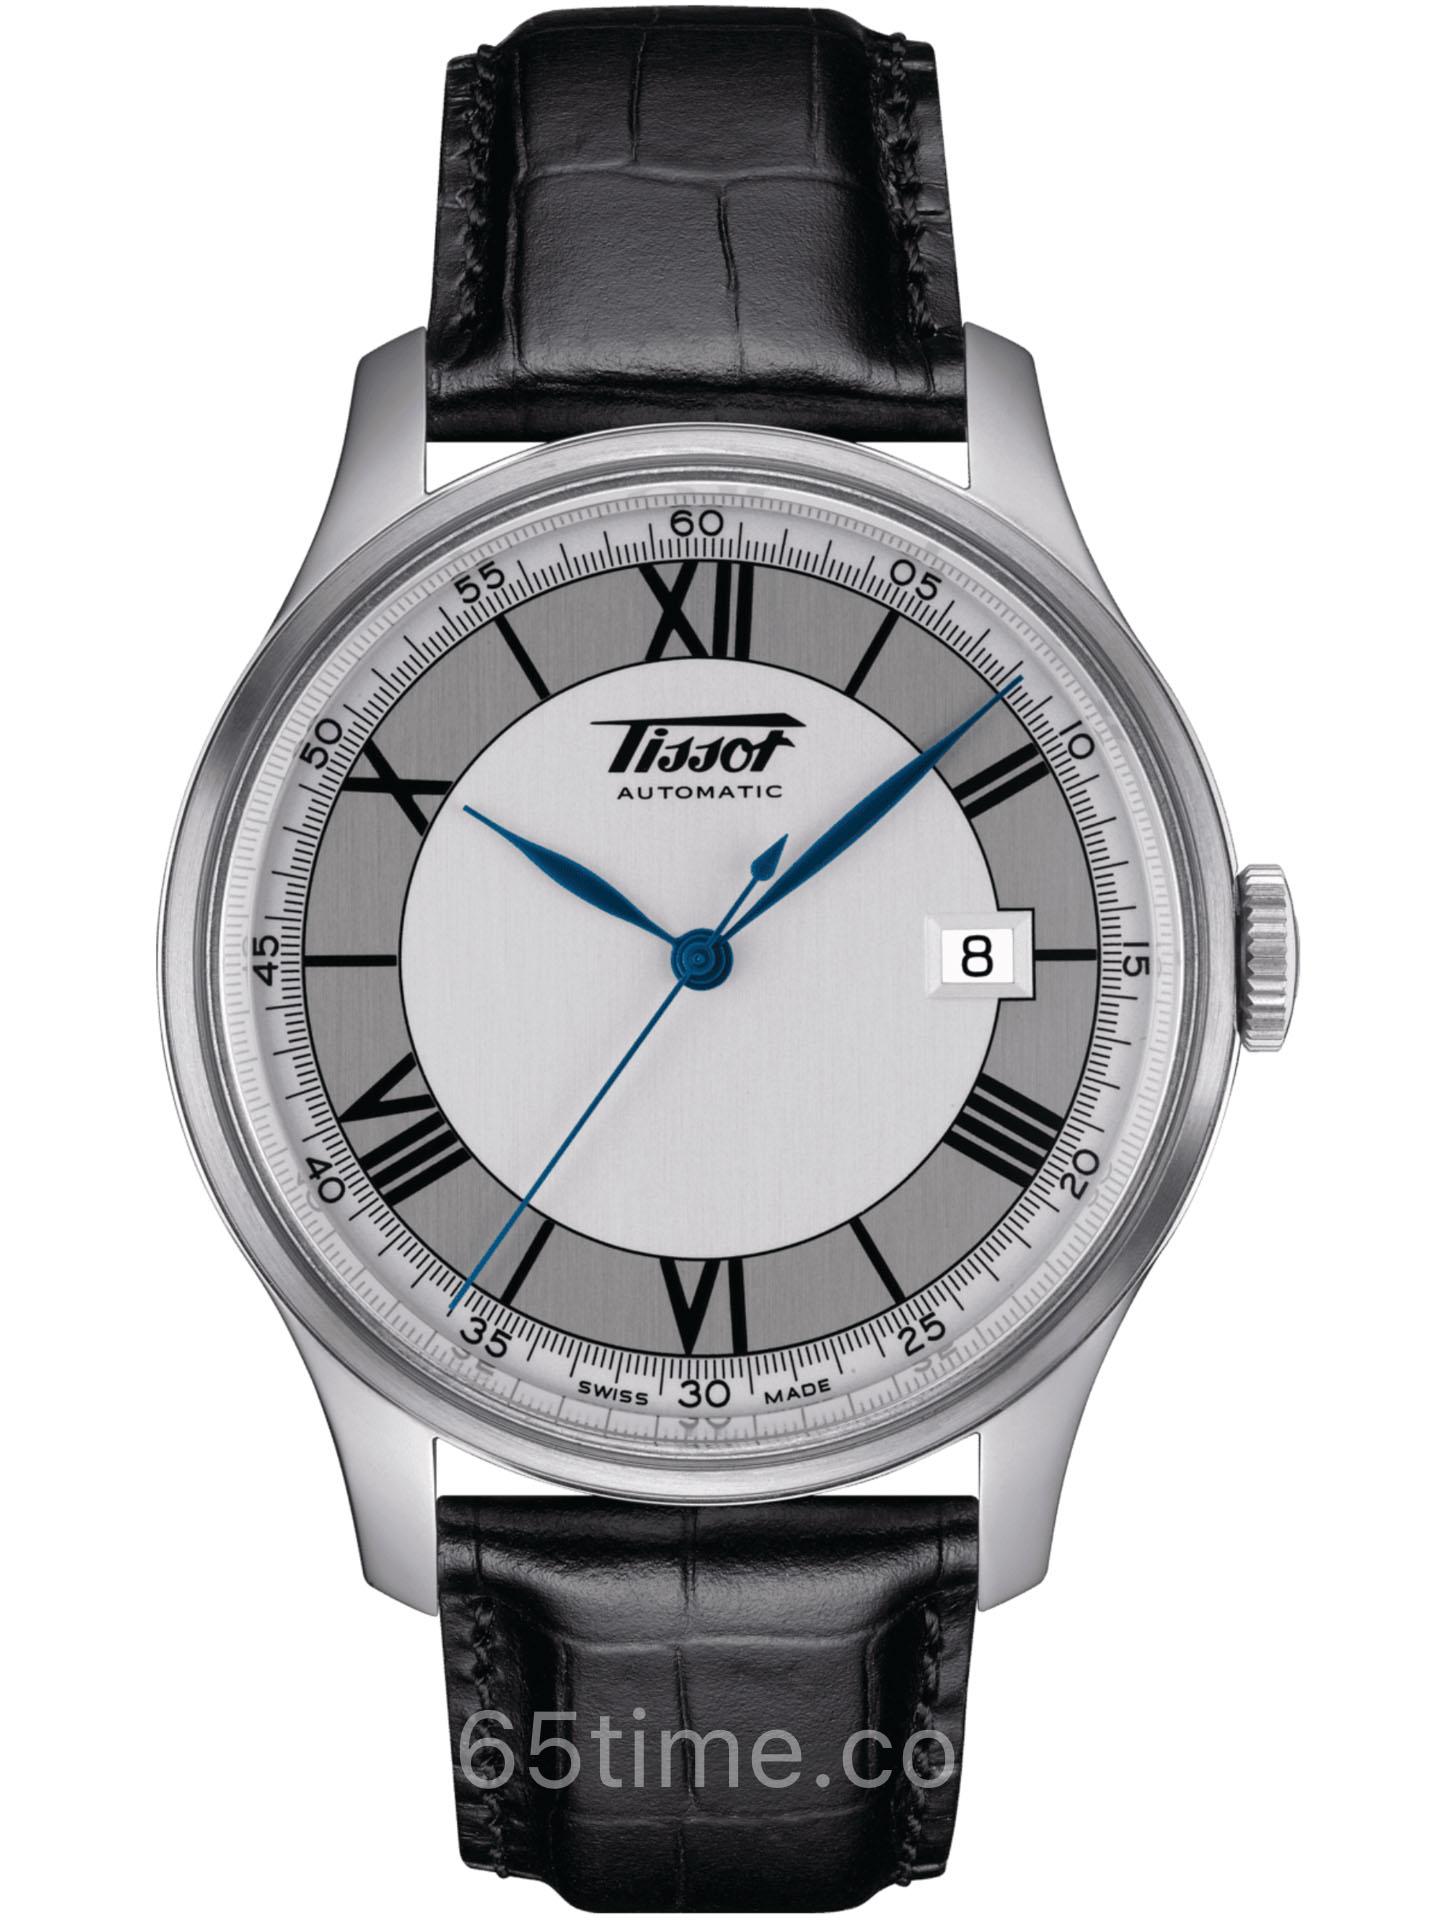 TISSOT天梭怀旧经典系列安哥拉独立45周年限量版腕表T66.1.723.34